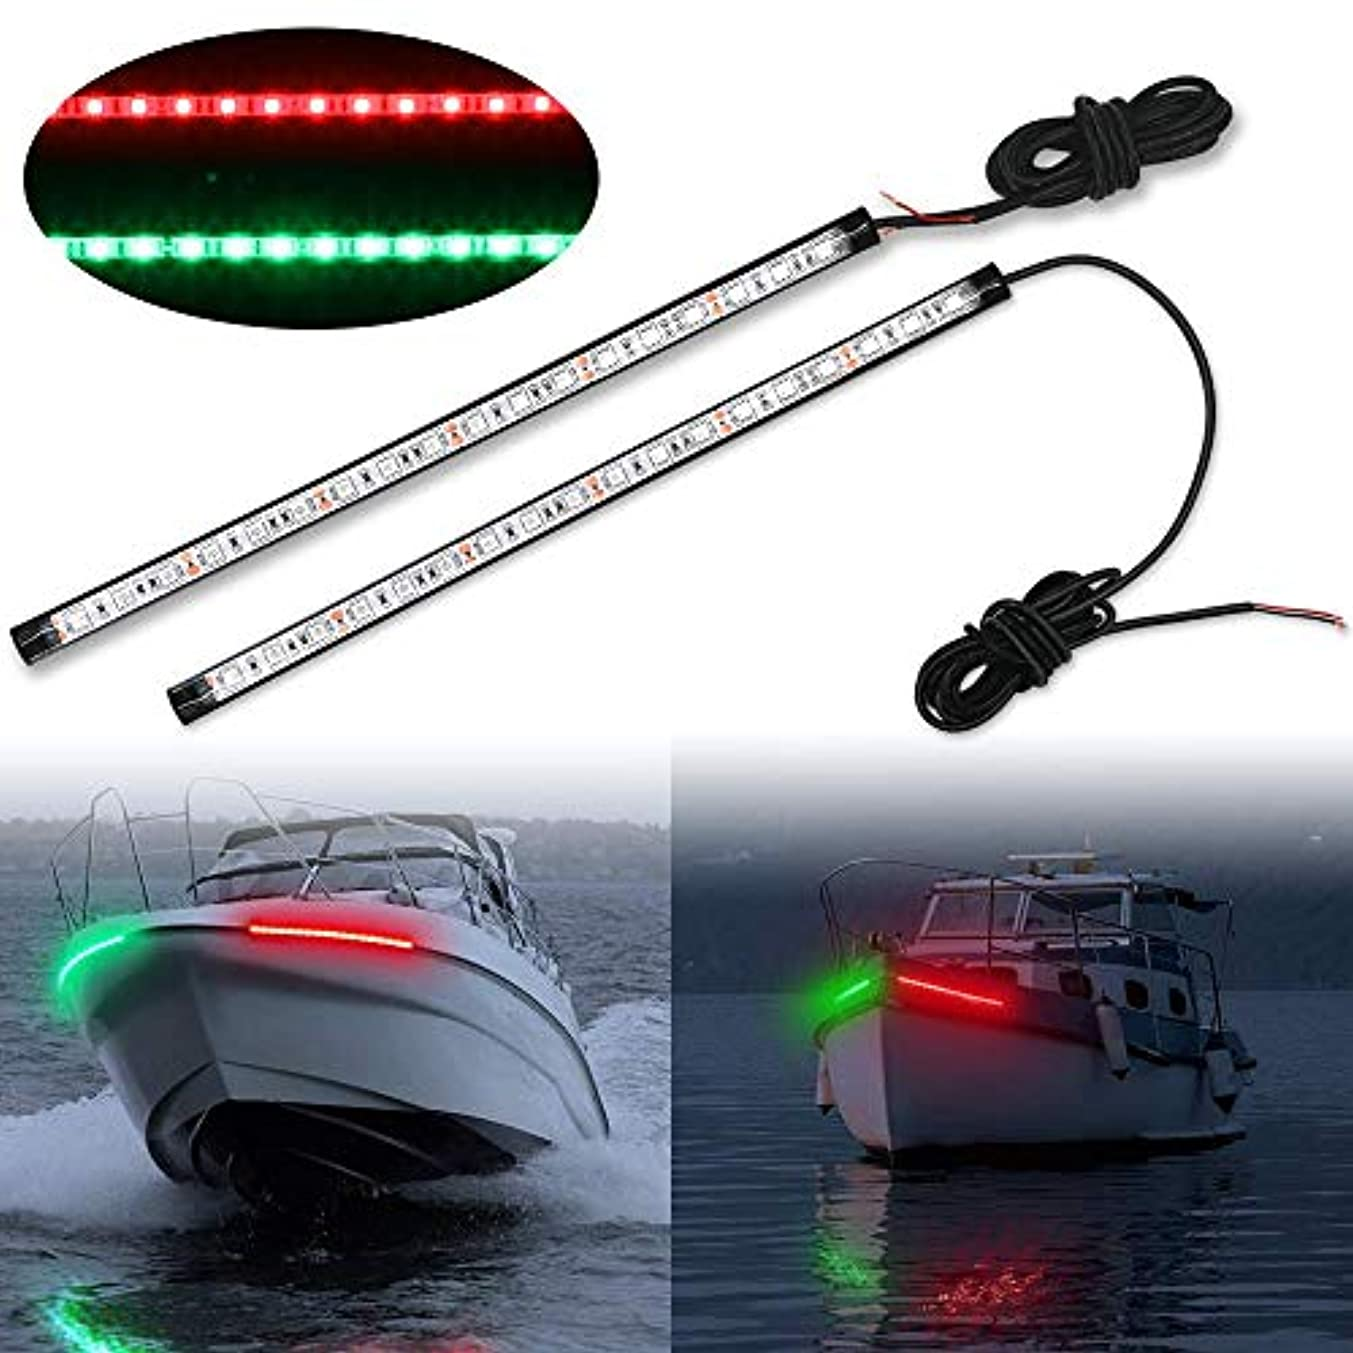 モットー好み神経Obcursco 12インチ LEDボートボウナビゲーションライトキット 船舶ボート船舶ポンツーンヨットスキーター用 1ペア レッド&グリーン